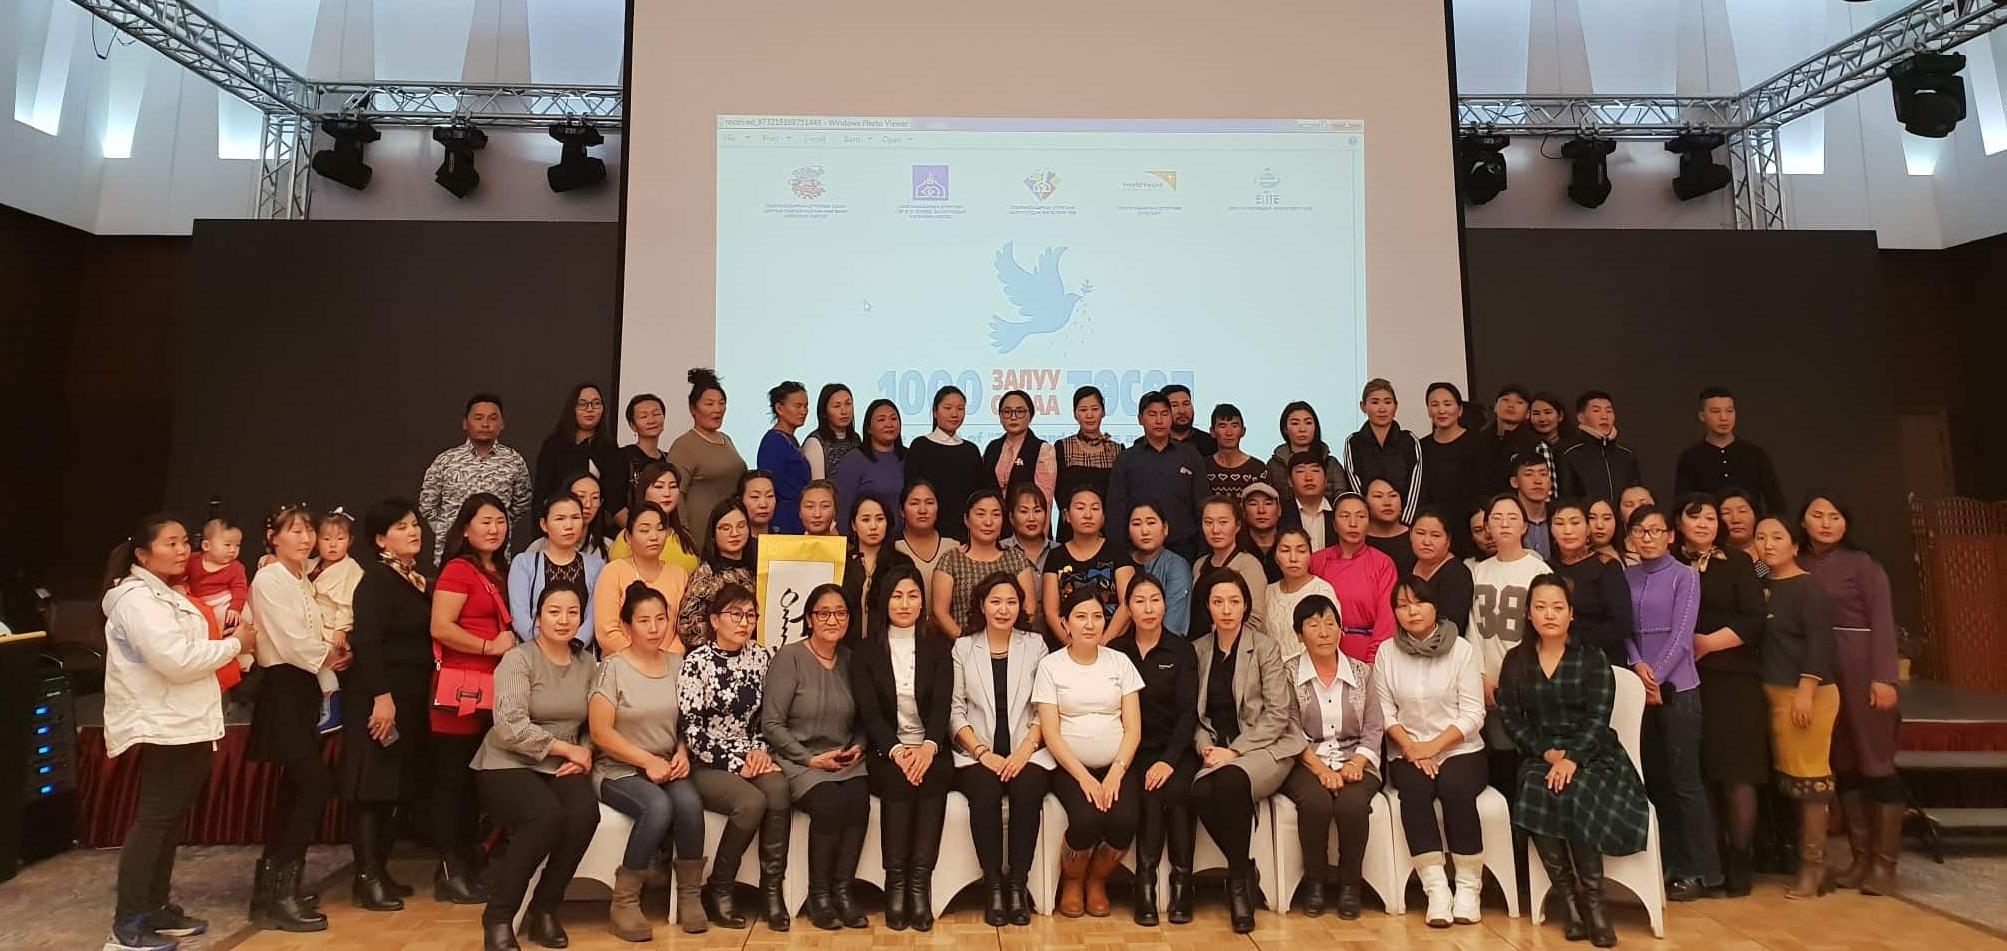 1000 залуу 1000 санаа төслийн дүгнэх, туршлага нэвтрүүлэх, бичил төслийн санхүүжилт зарлах, уулзалт зөвлөгөөн боллоо